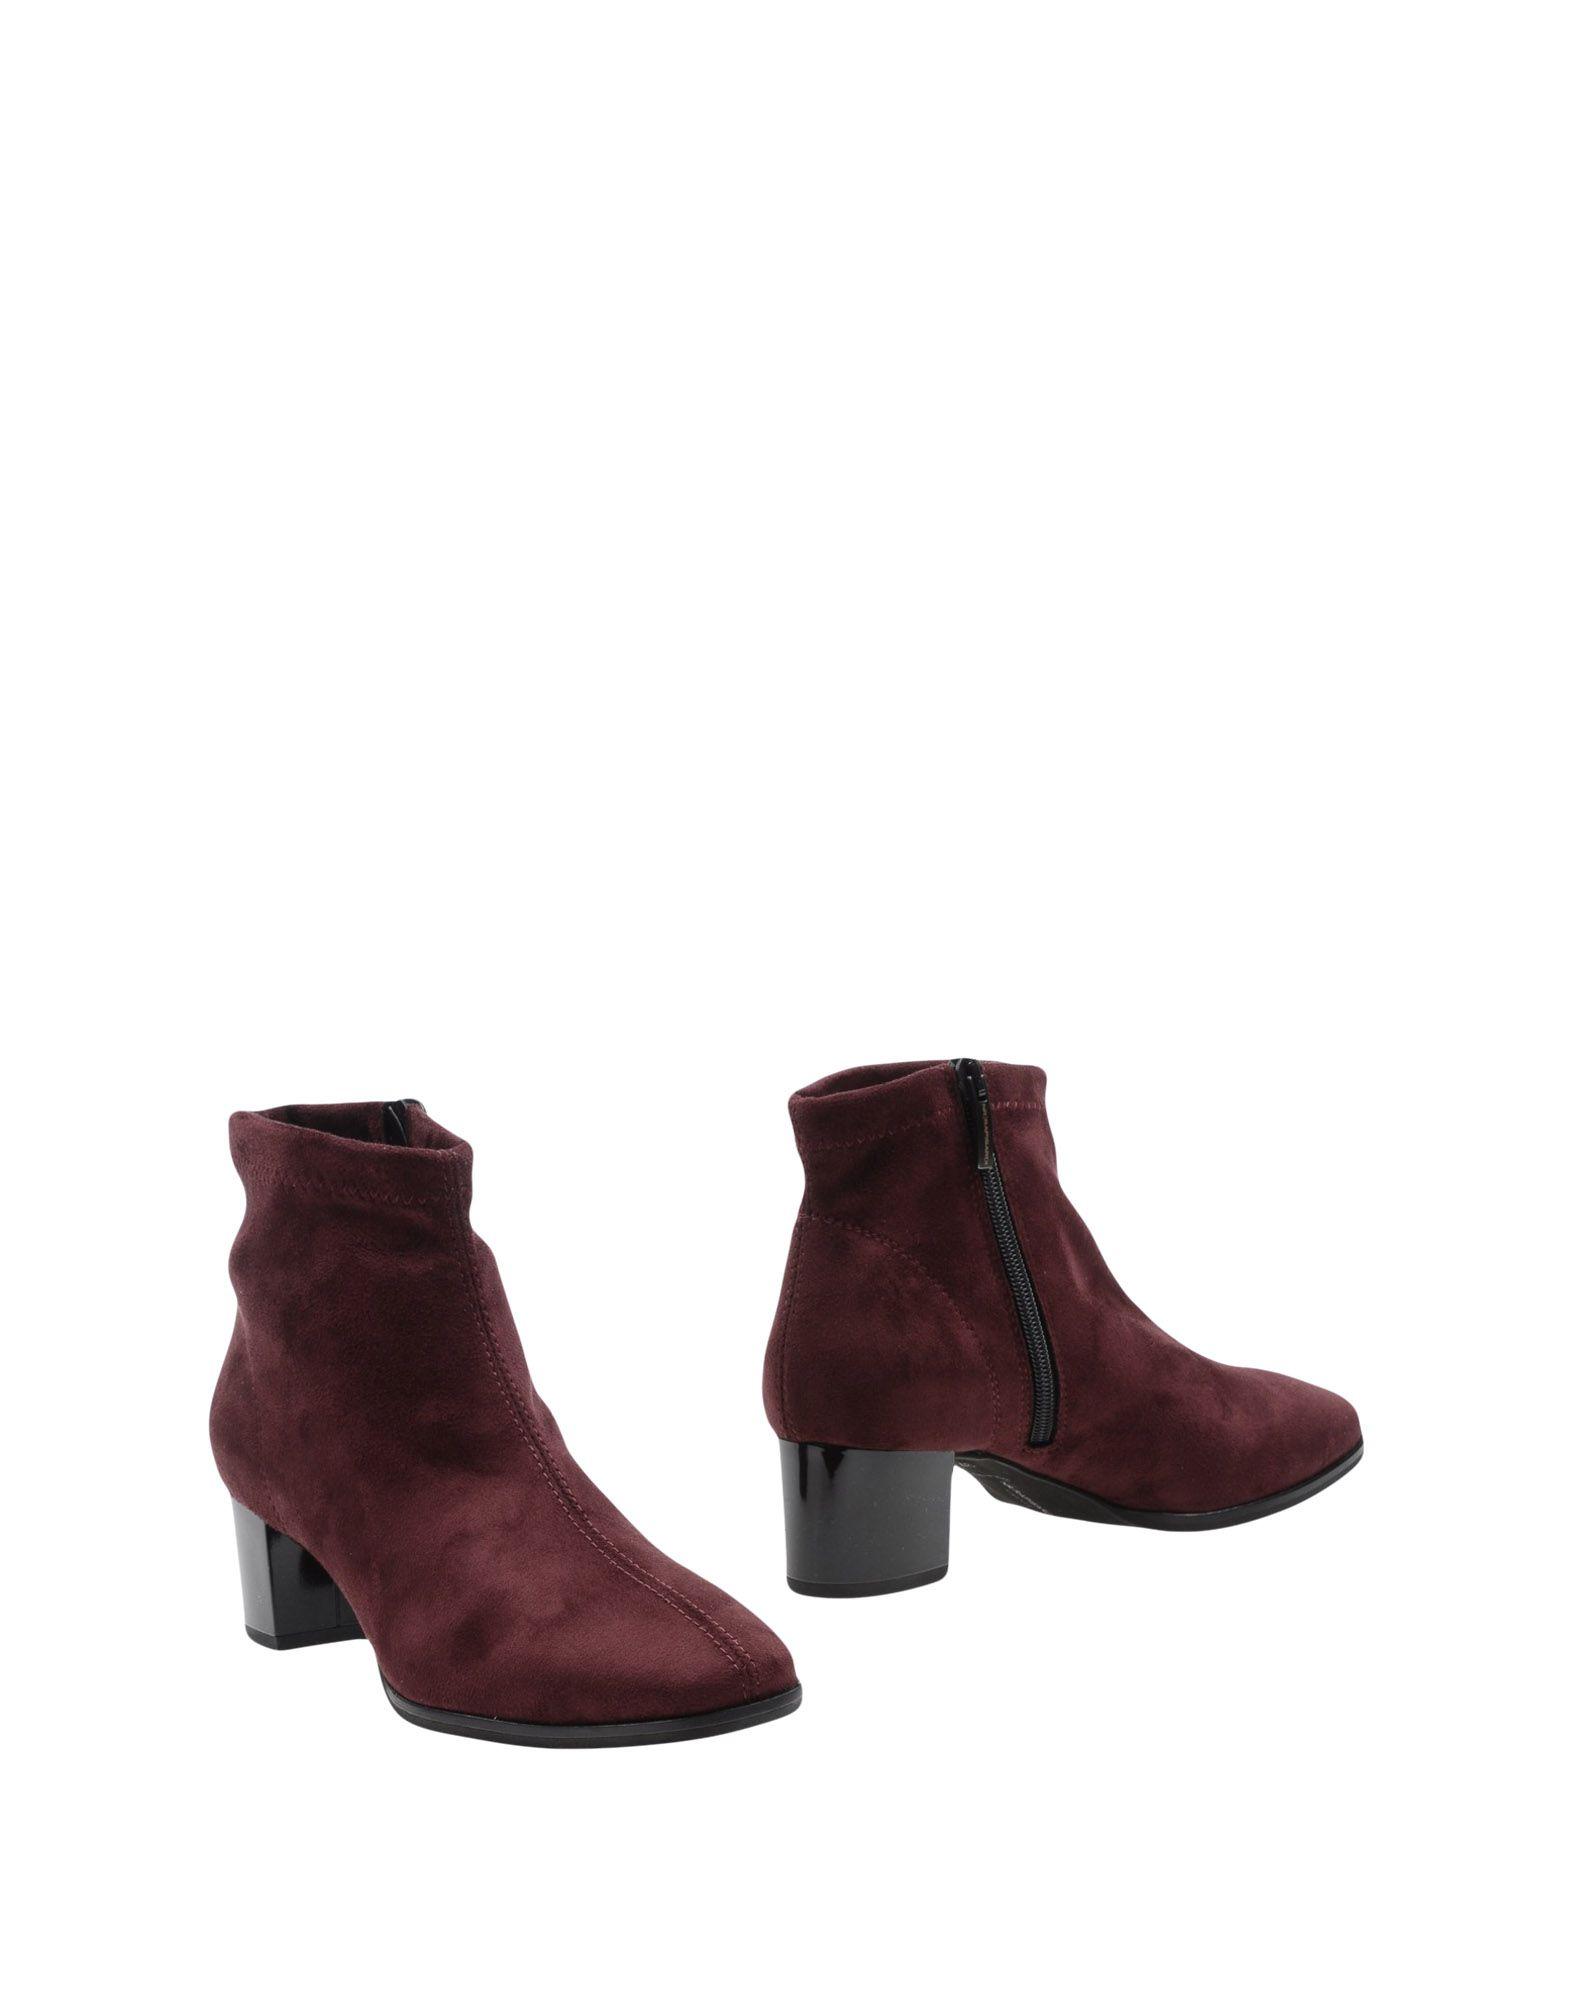 Nr Rapisardi Stiefelette Damen  11306742RP Gute Qualität beliebte Schuhe